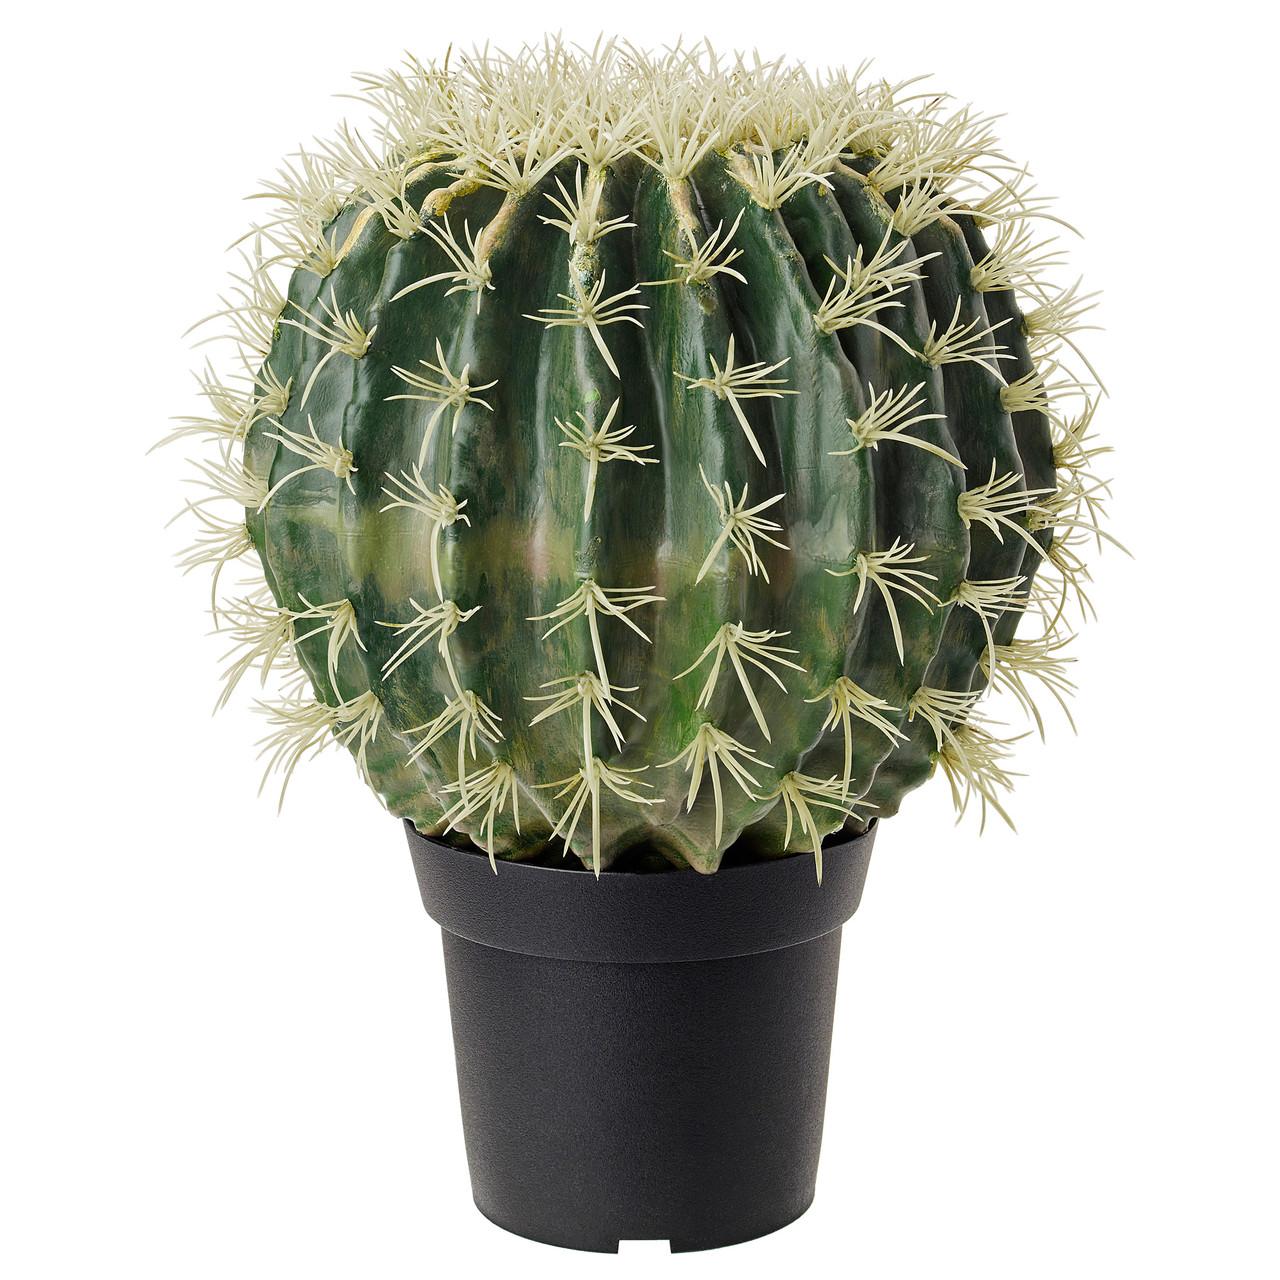 """ИКЕА """"ФЕЙКА"""" Искусственное растение в горшке, кактус, в форме шара, 15см."""